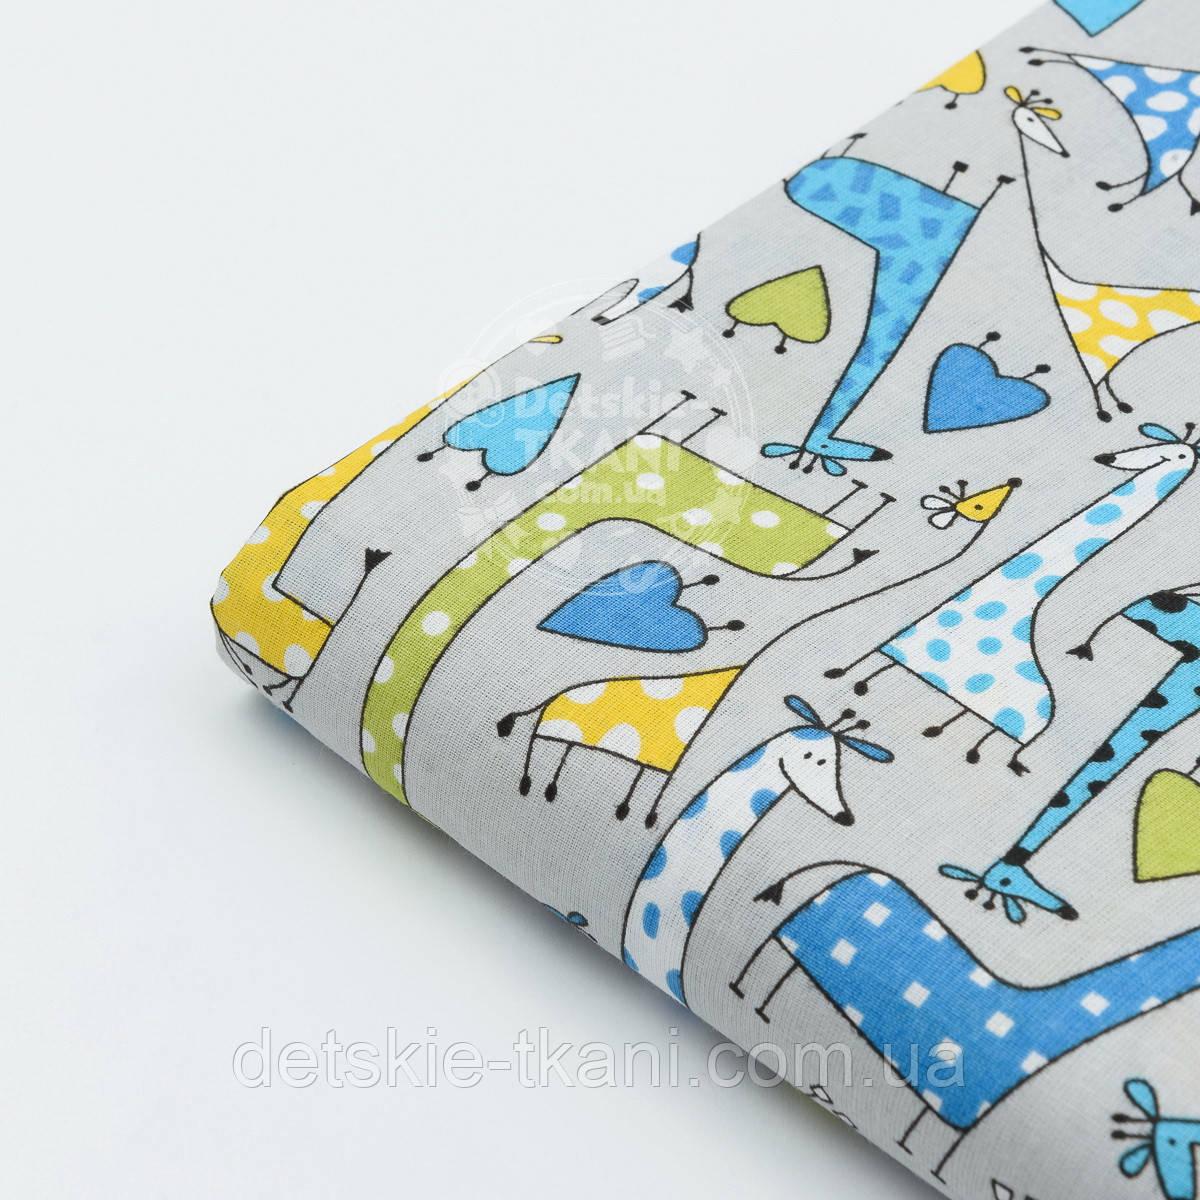 Отрез ткани №825 с зелёными и голубыми жирафами на сером фоне, размер 52*160